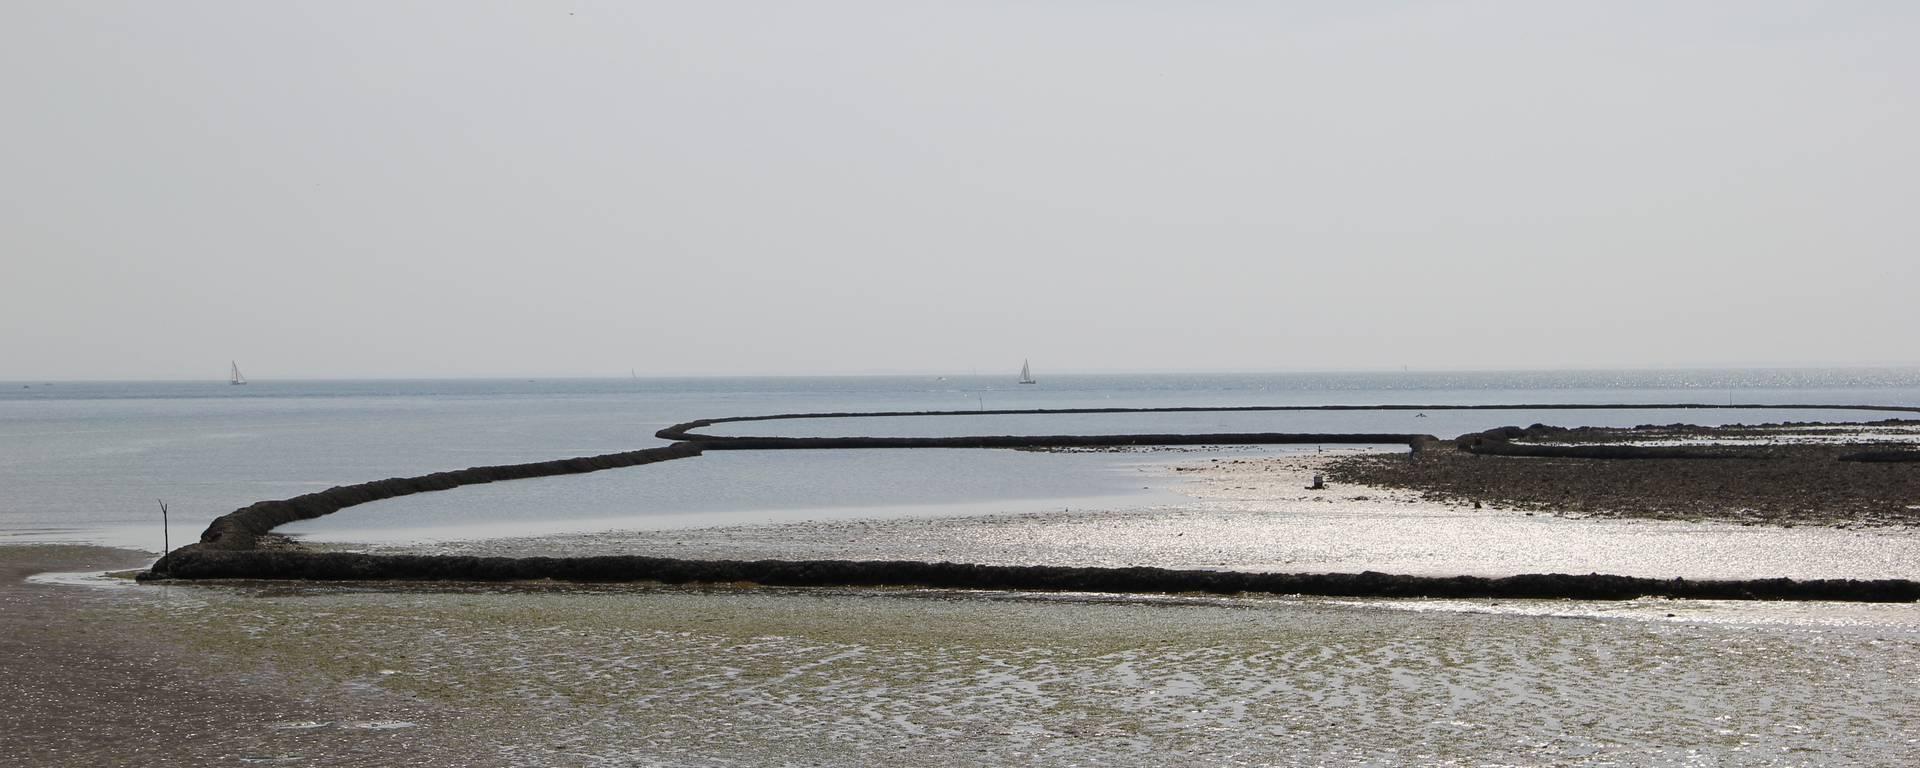 The fish locks of Sainte-Marie de Ré